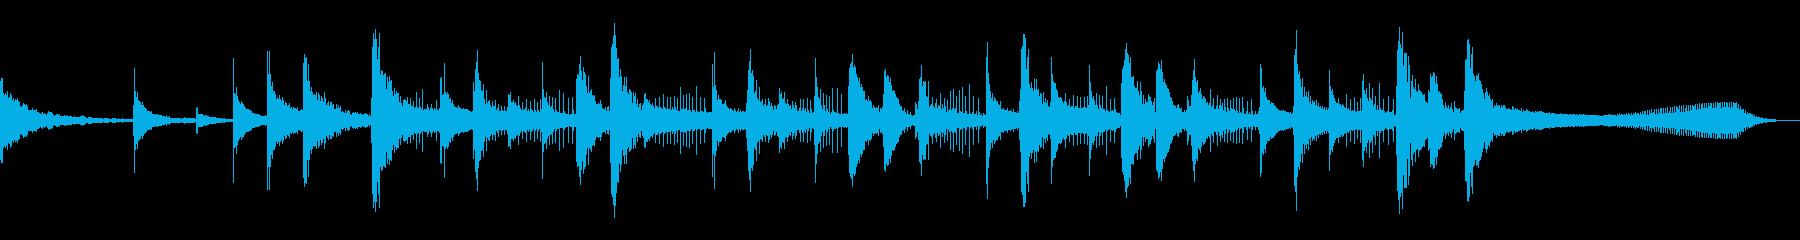 サンドアンドサン、スローテンポ、ベ...の再生済みの波形